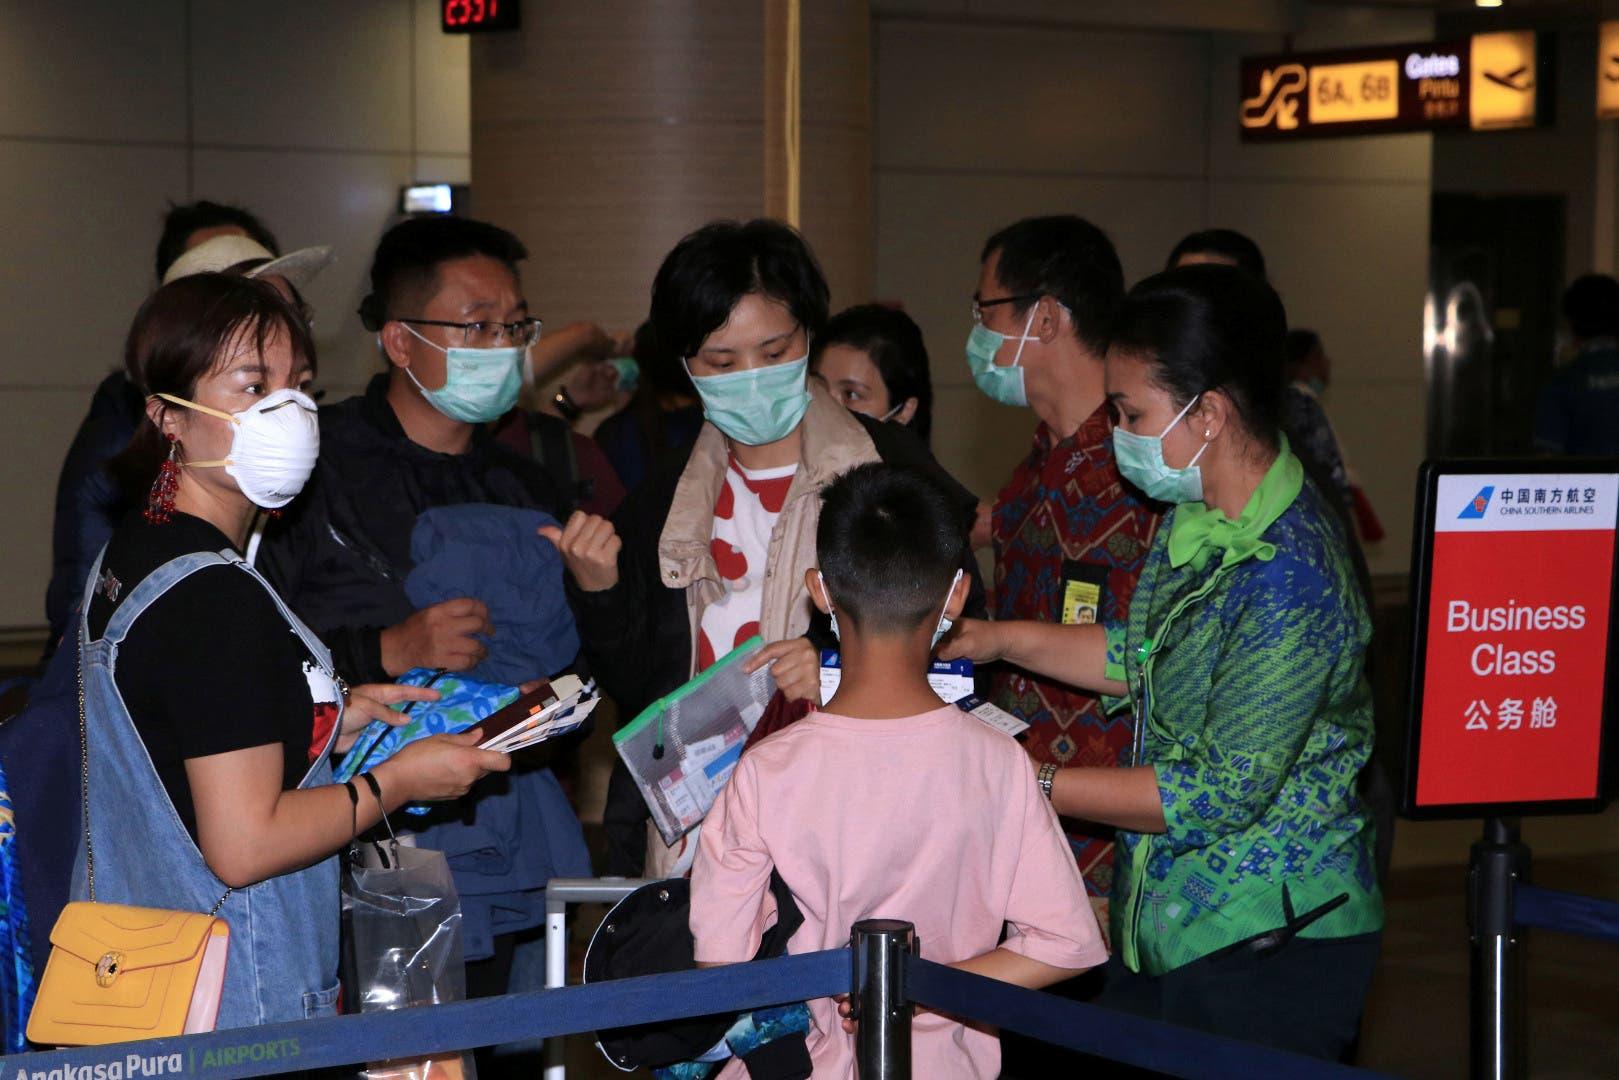 إجراءات احترازية بالمطارات